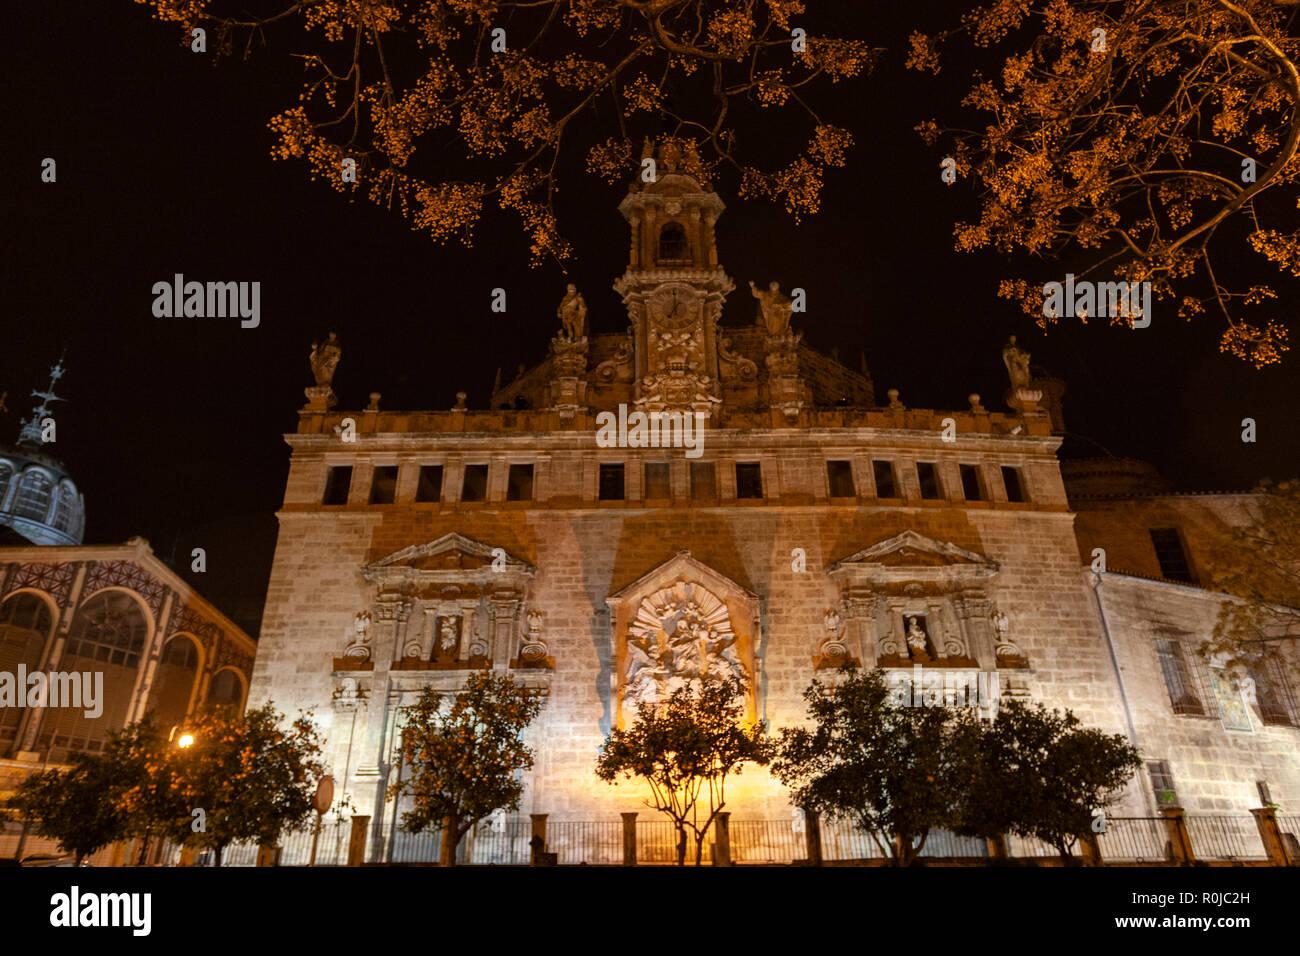 Facade of the La Lonja, The Llotja de la Seda or the La Lonja Silk Exchange ,at night, Valencia, Spain Stock Photo